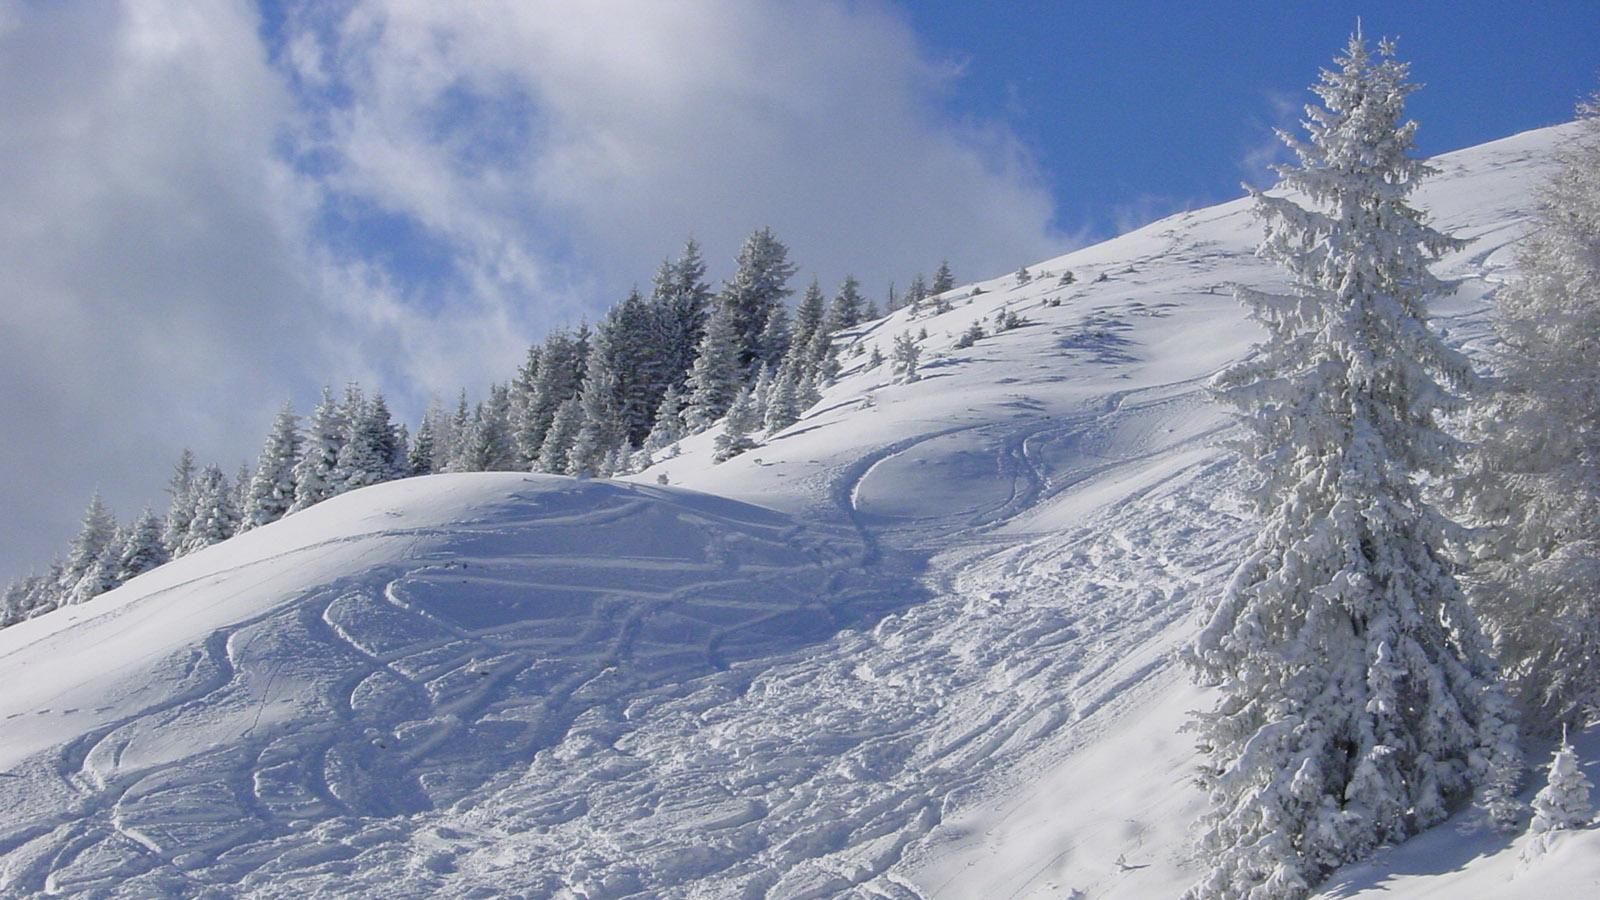 Warth: Tiefschnee und blauer Himmel... ein Traum! Foto Hilke Maunder